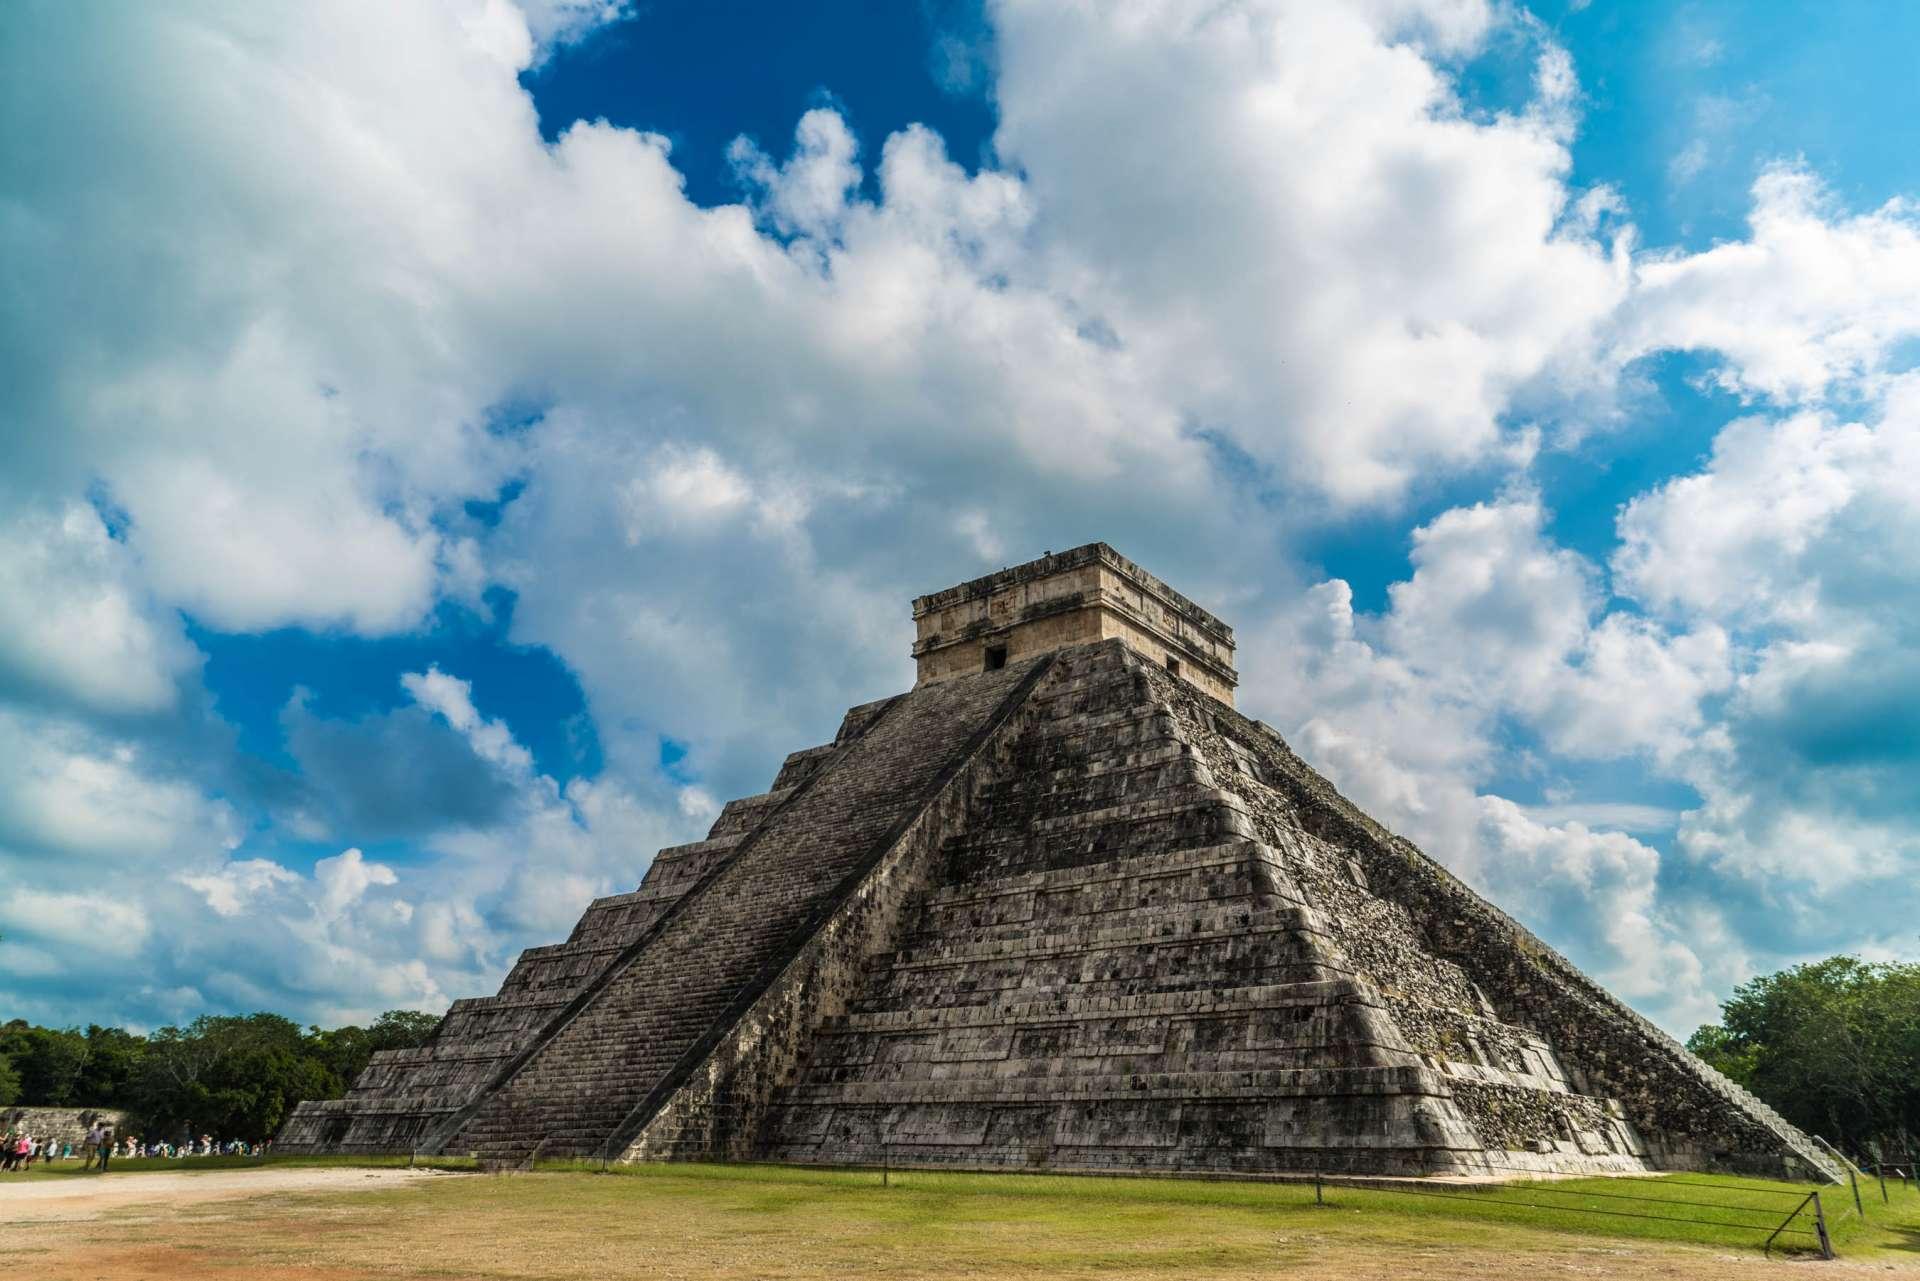 El Castillo Temple of Kukulcan Chichen Itza Yucatan Mexico